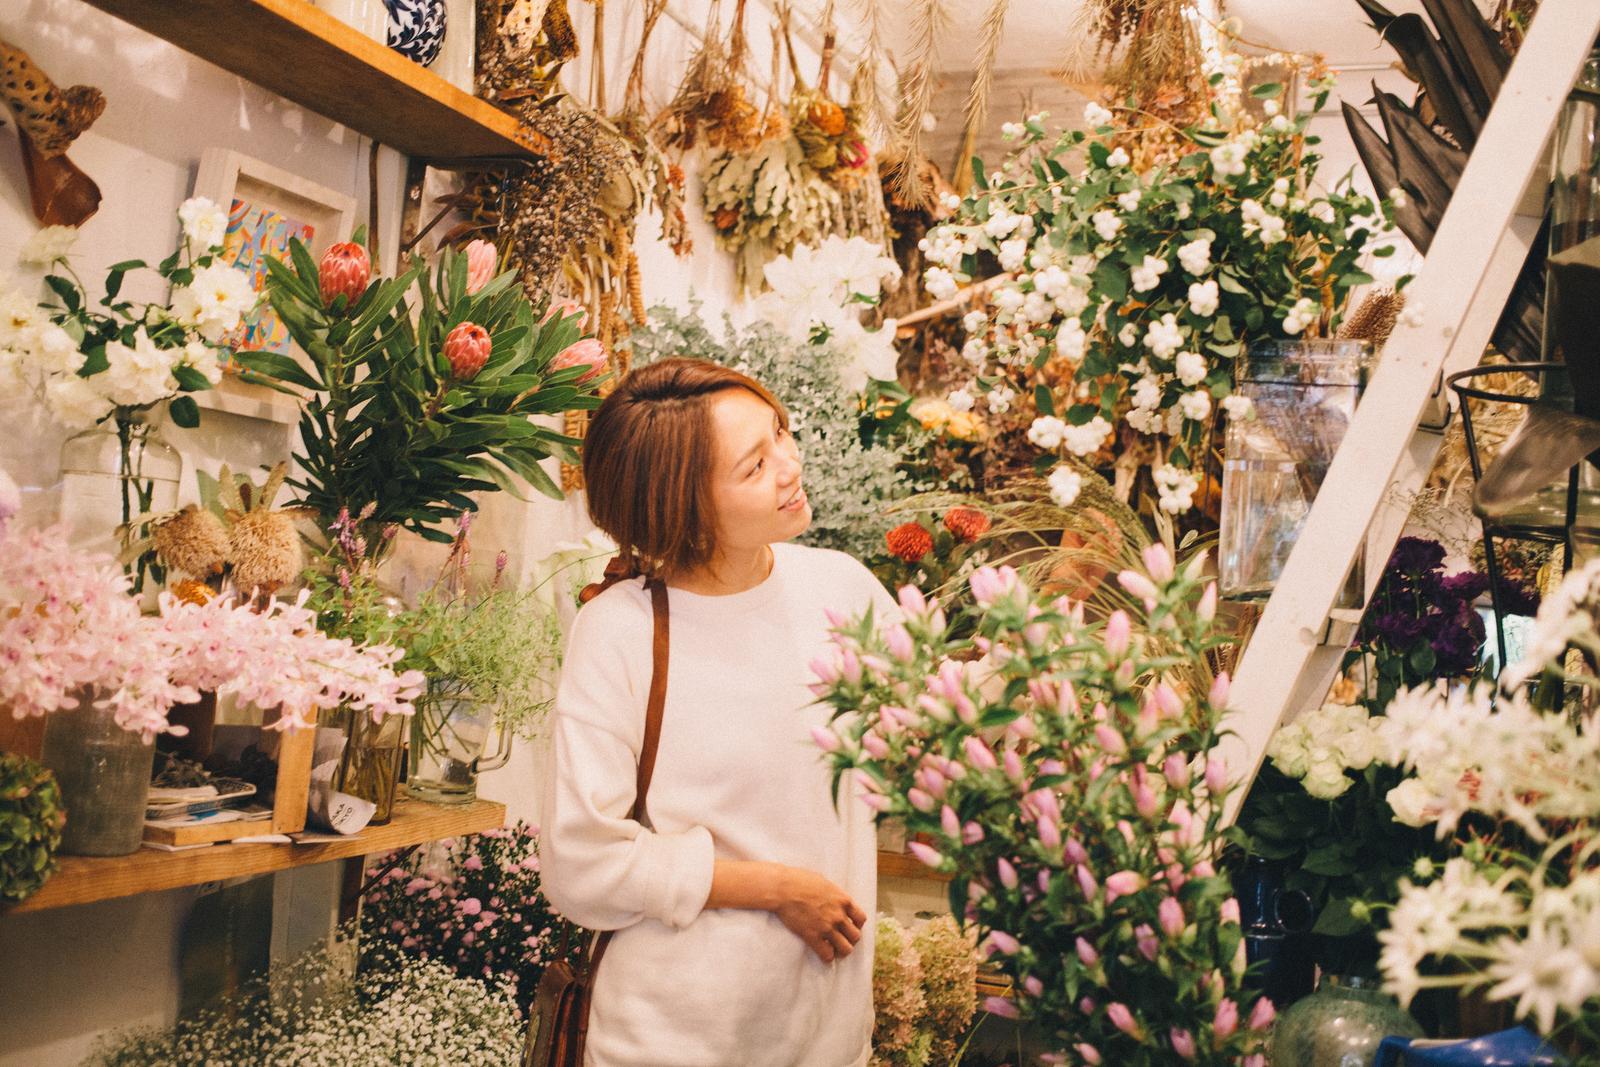 代々木上原の花屋 ムギハナ 店内で花を眺める 和田明日香さん